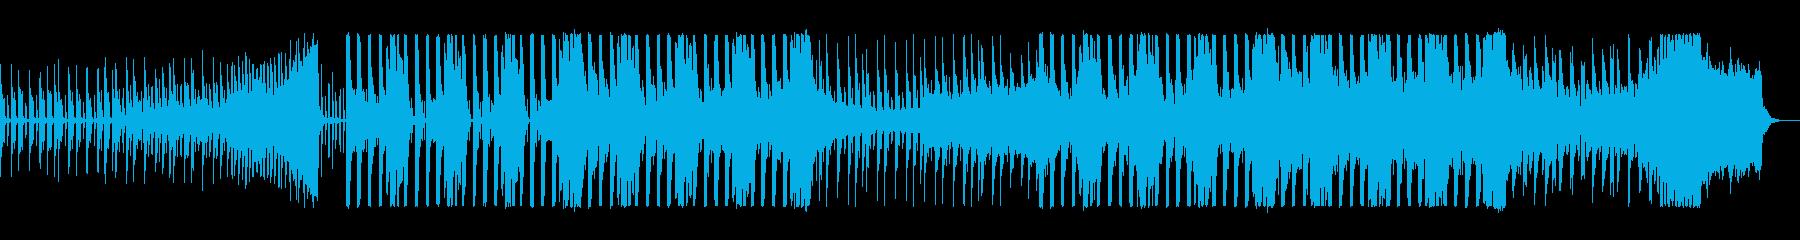 お洒落なアップテンポのテクノポップの曲の再生済みの波形